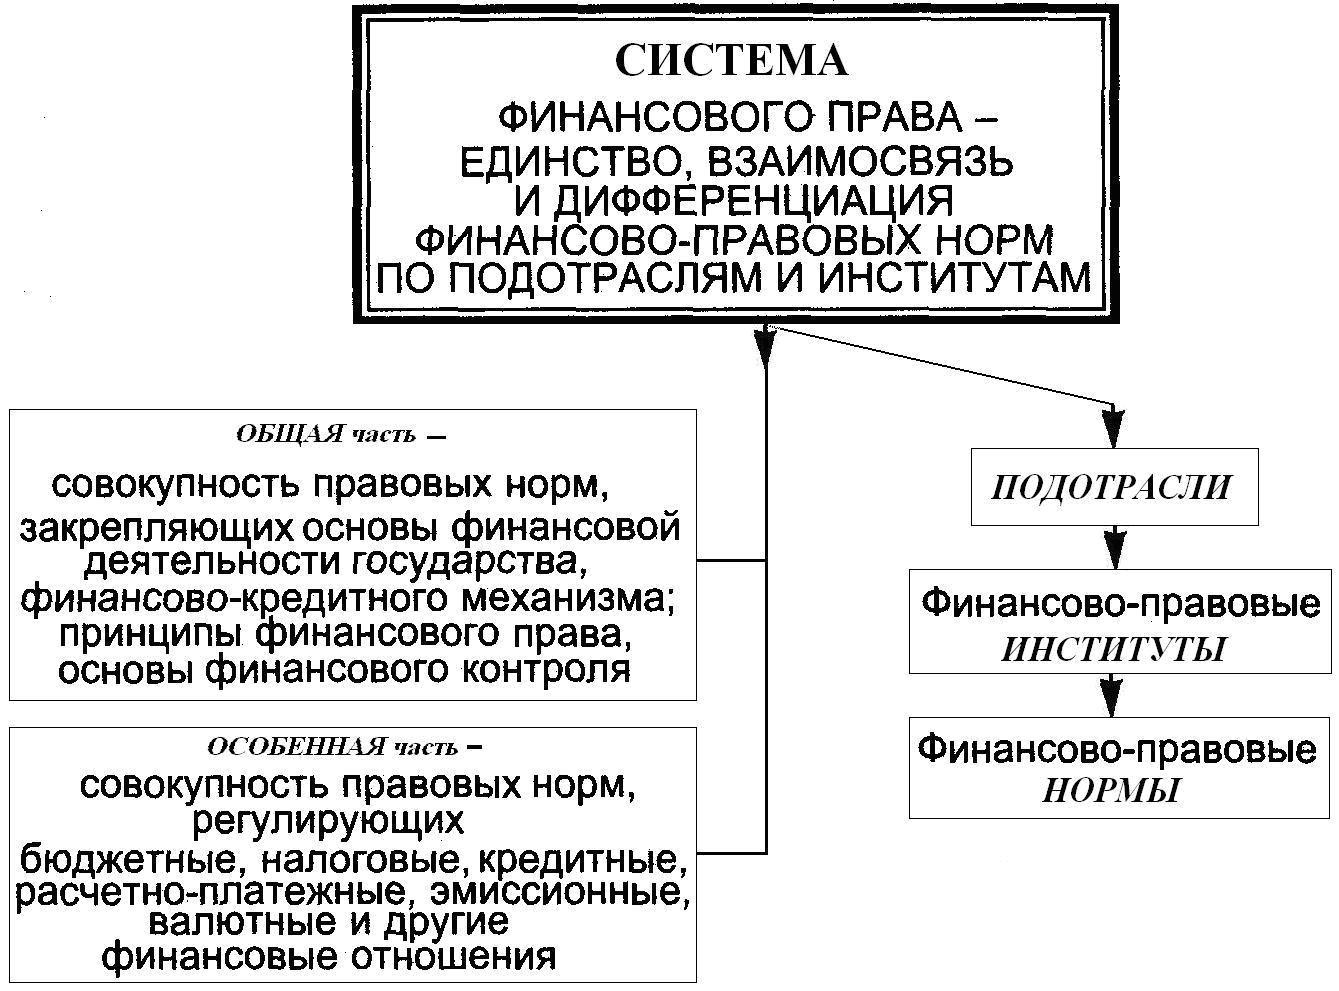 Реферат принципы финансового права 8785